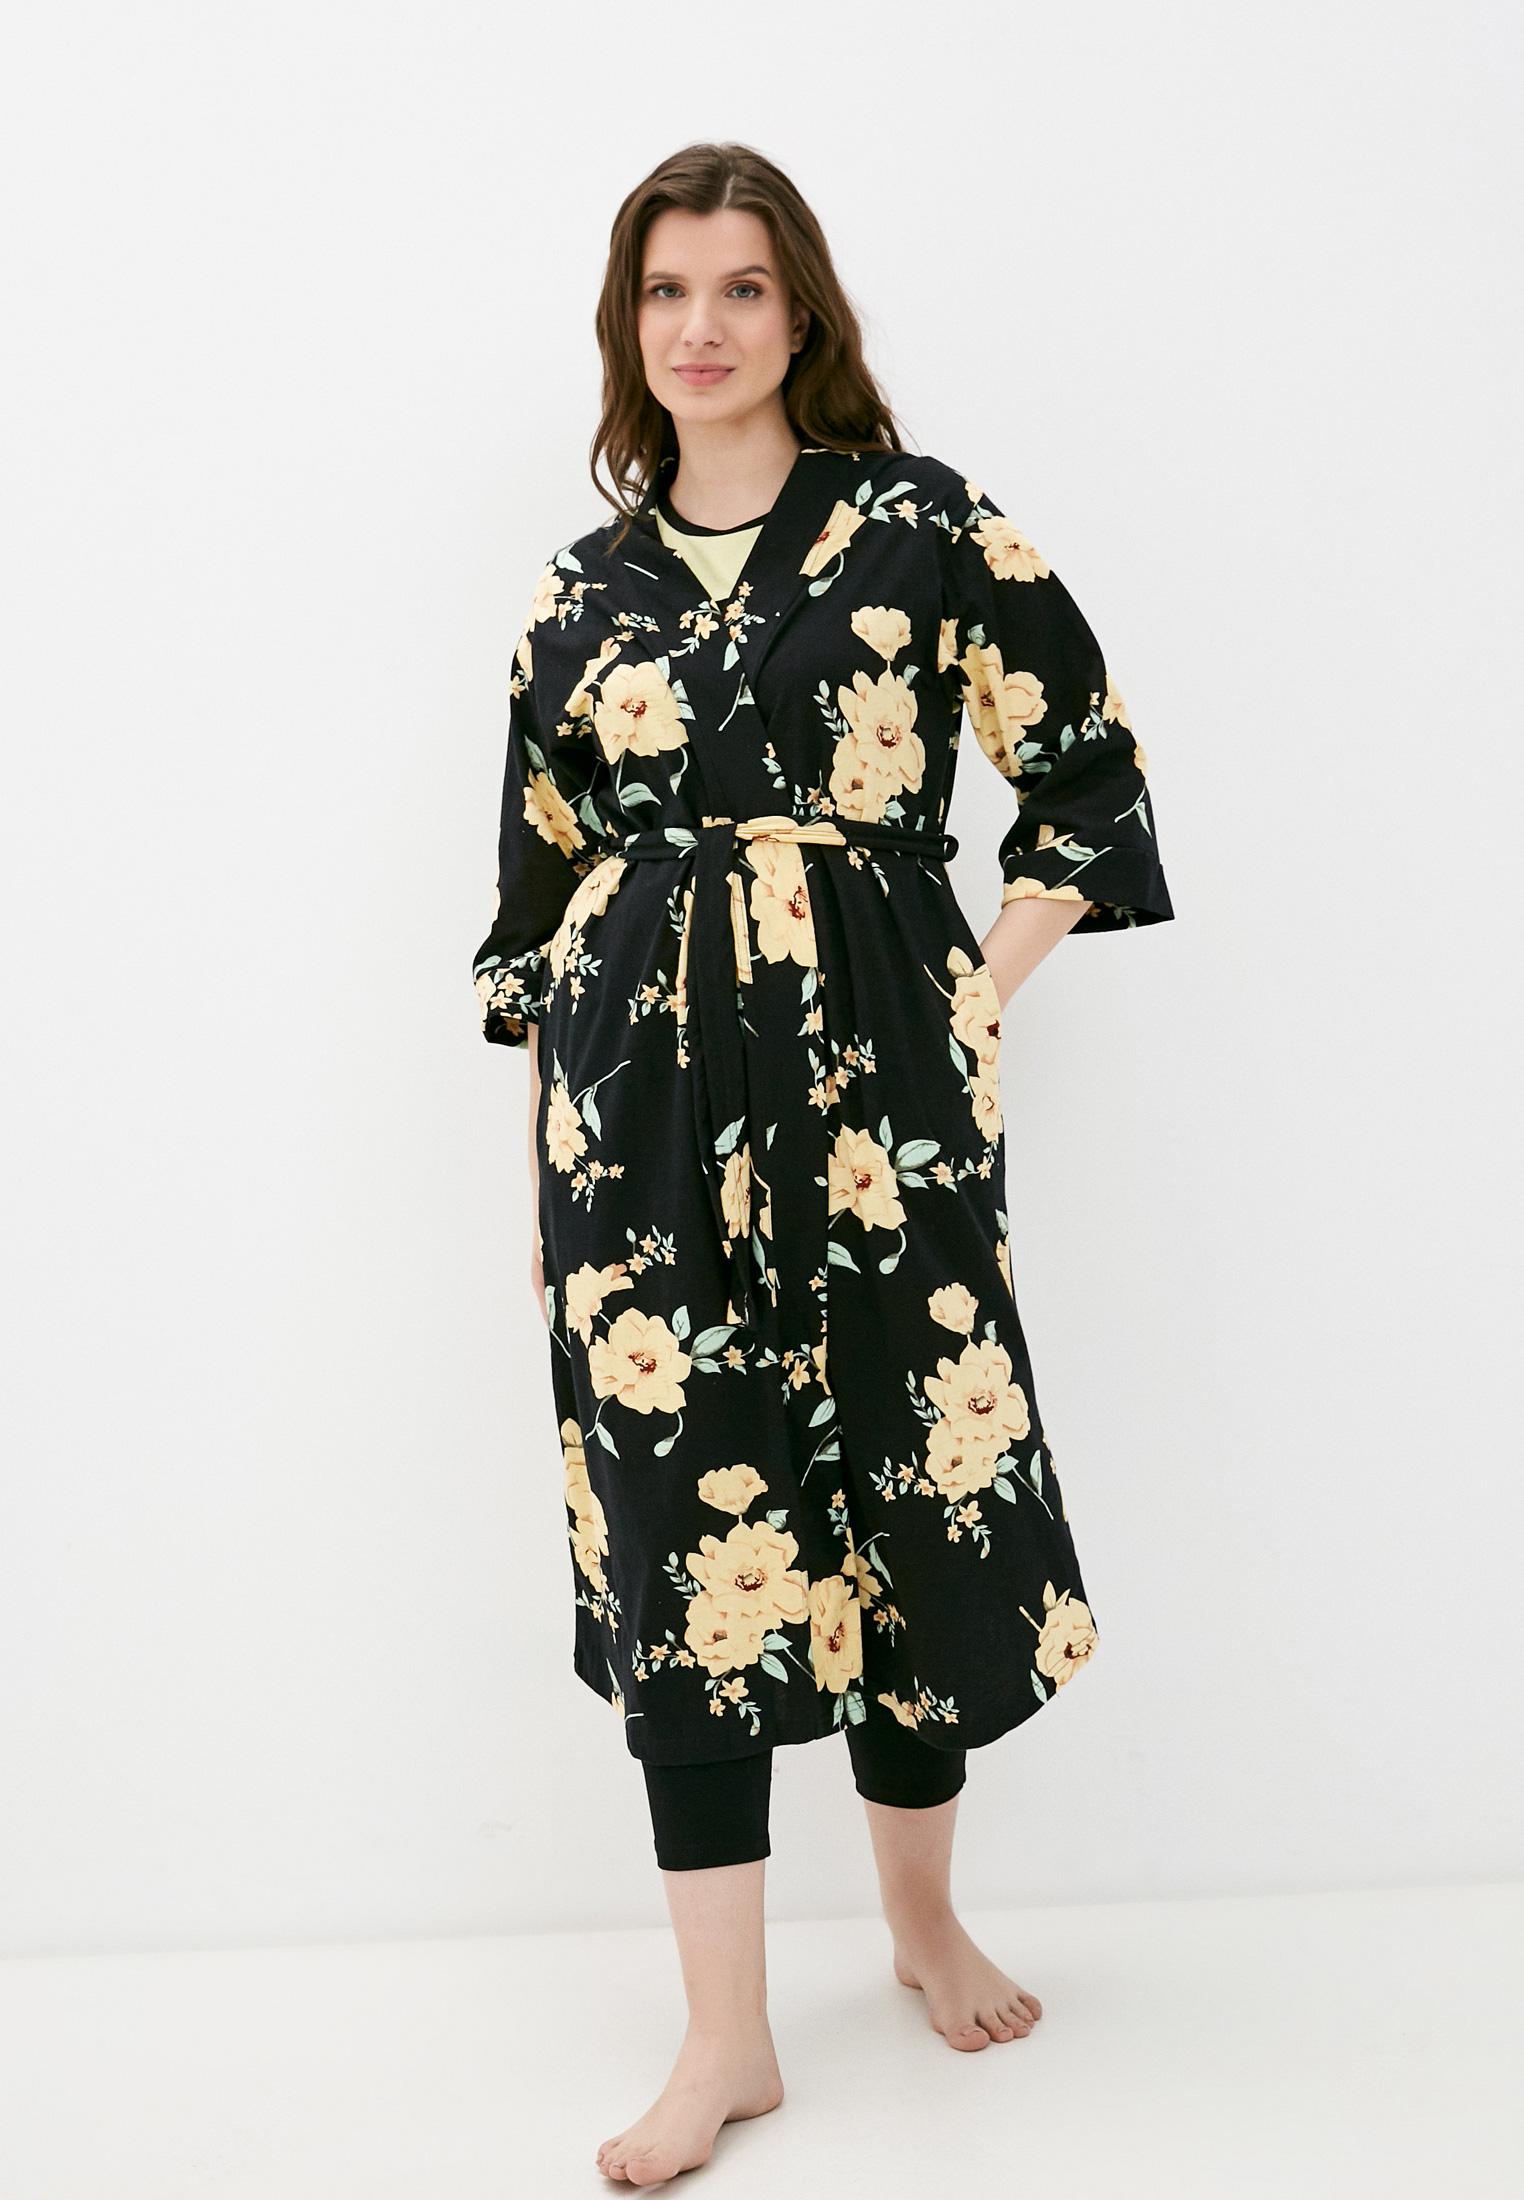 Женское белье и одежда для дома Winzor ДК371